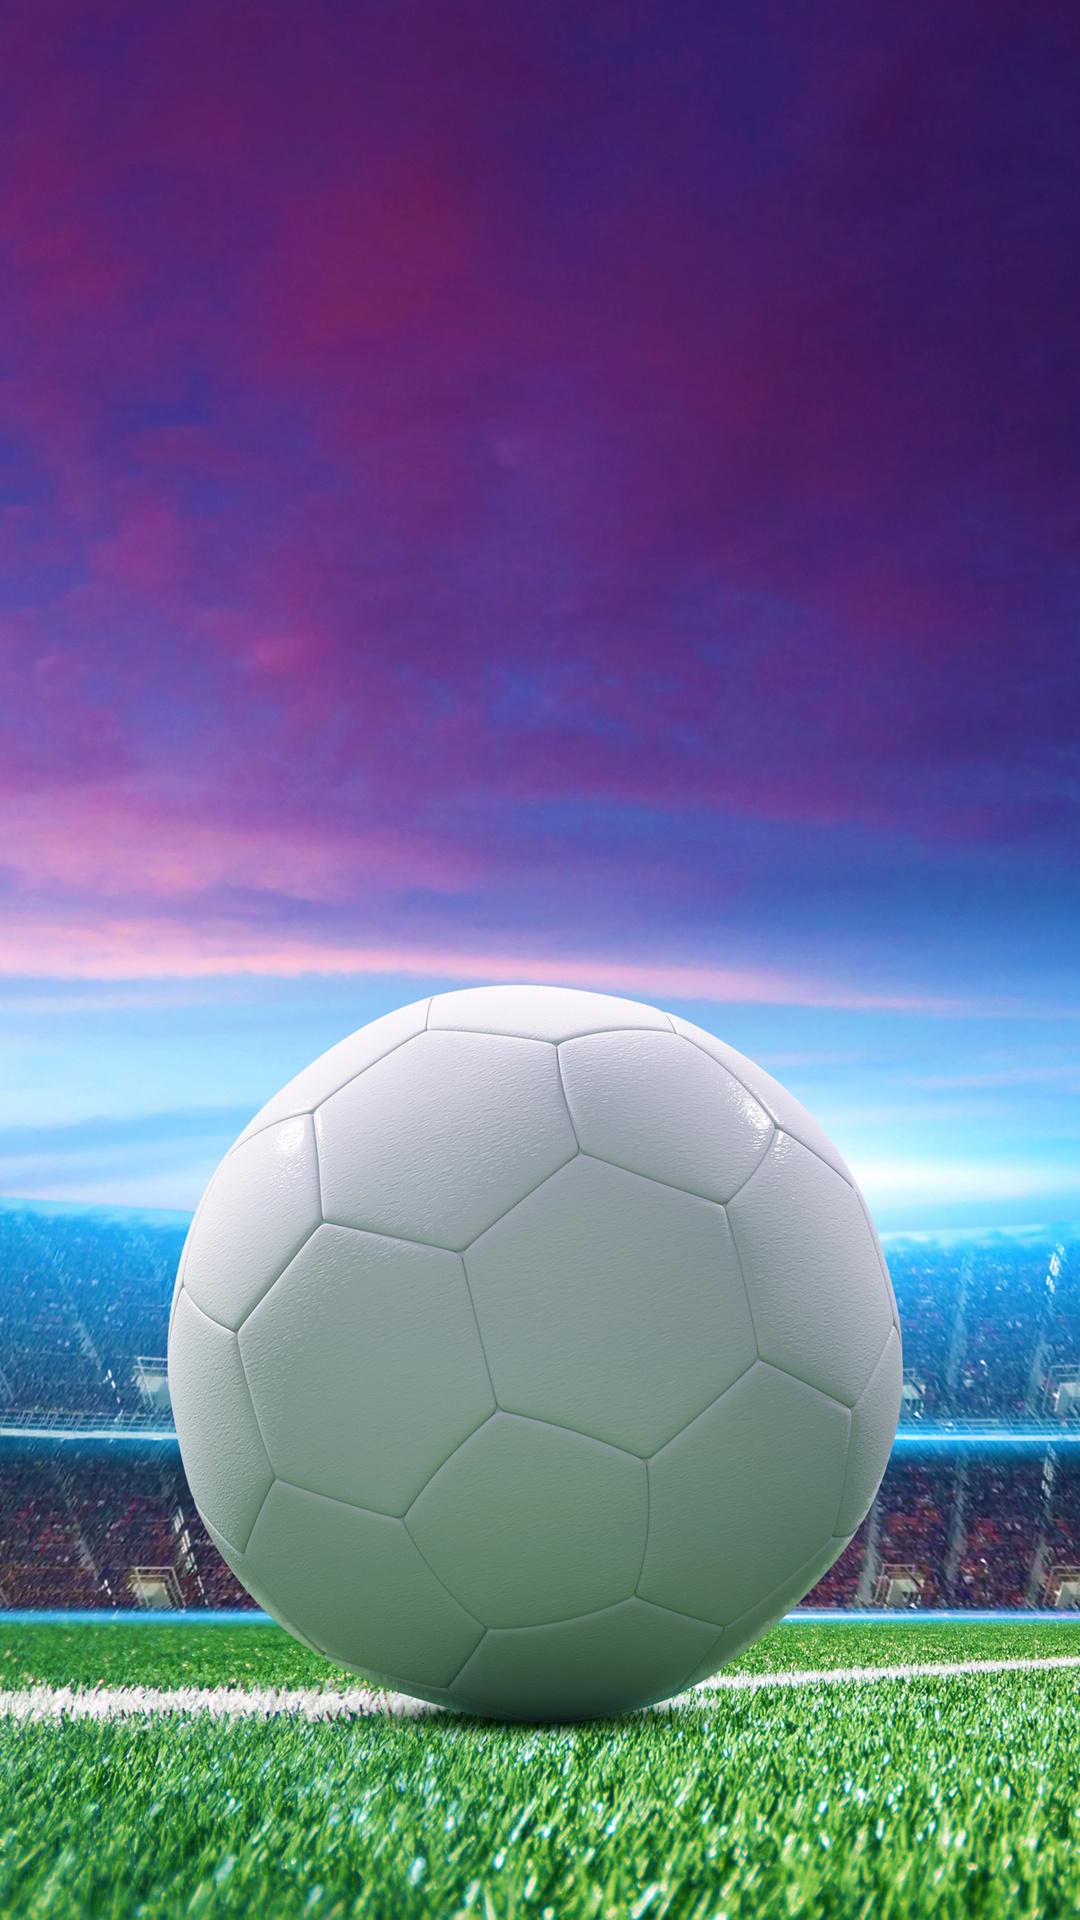 football-stadium-4k-2v.jpg